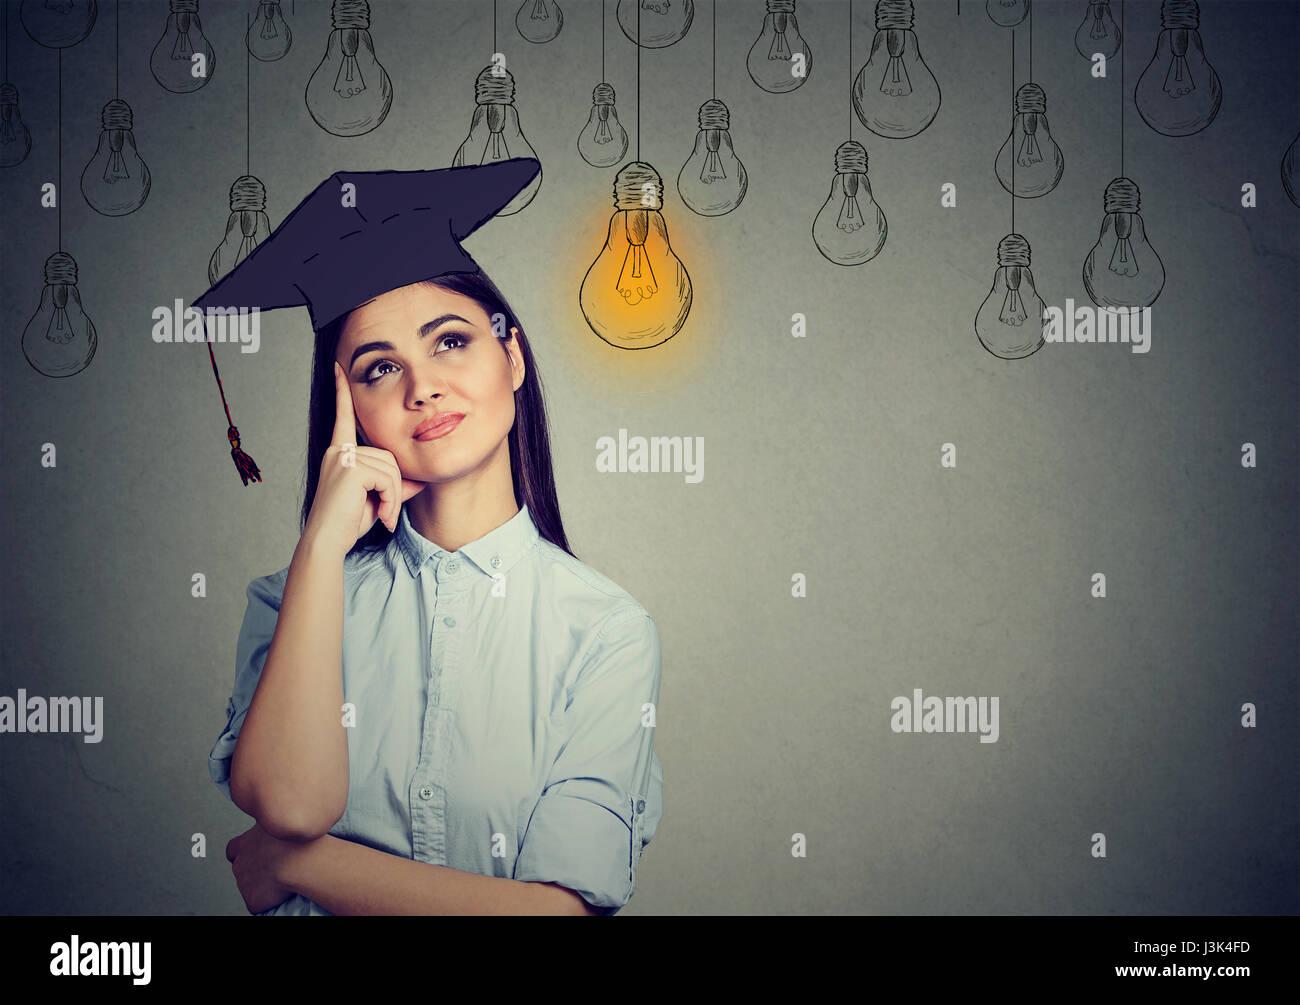 Étudiant diplômé jeune femme en robe à capuchon jusqu'à l'ampoule lumineuse mur Photo Stock